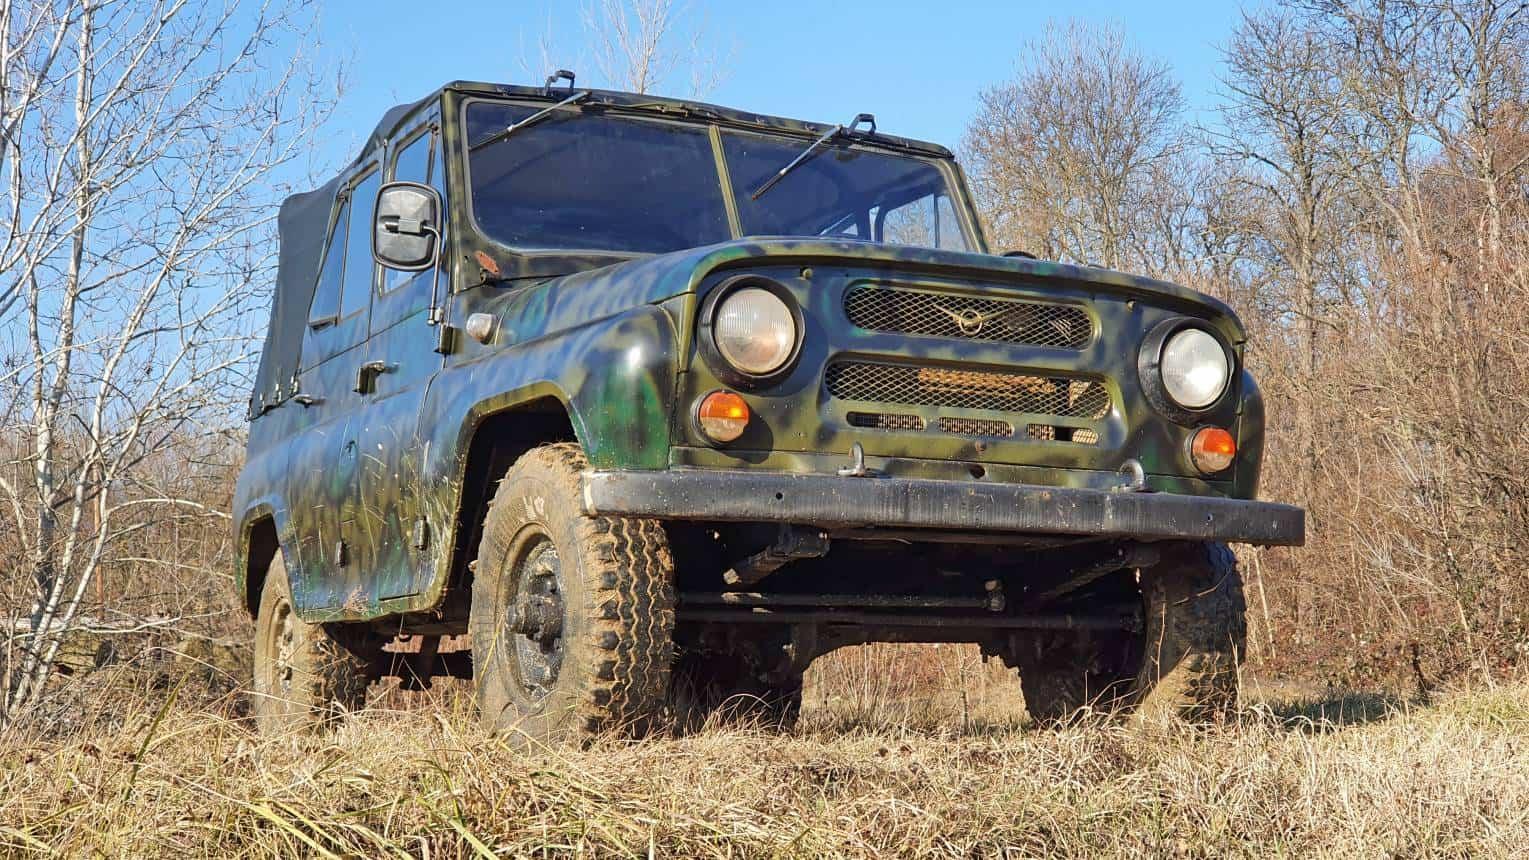 UAZ katonai terepjáróval off-road vezetés